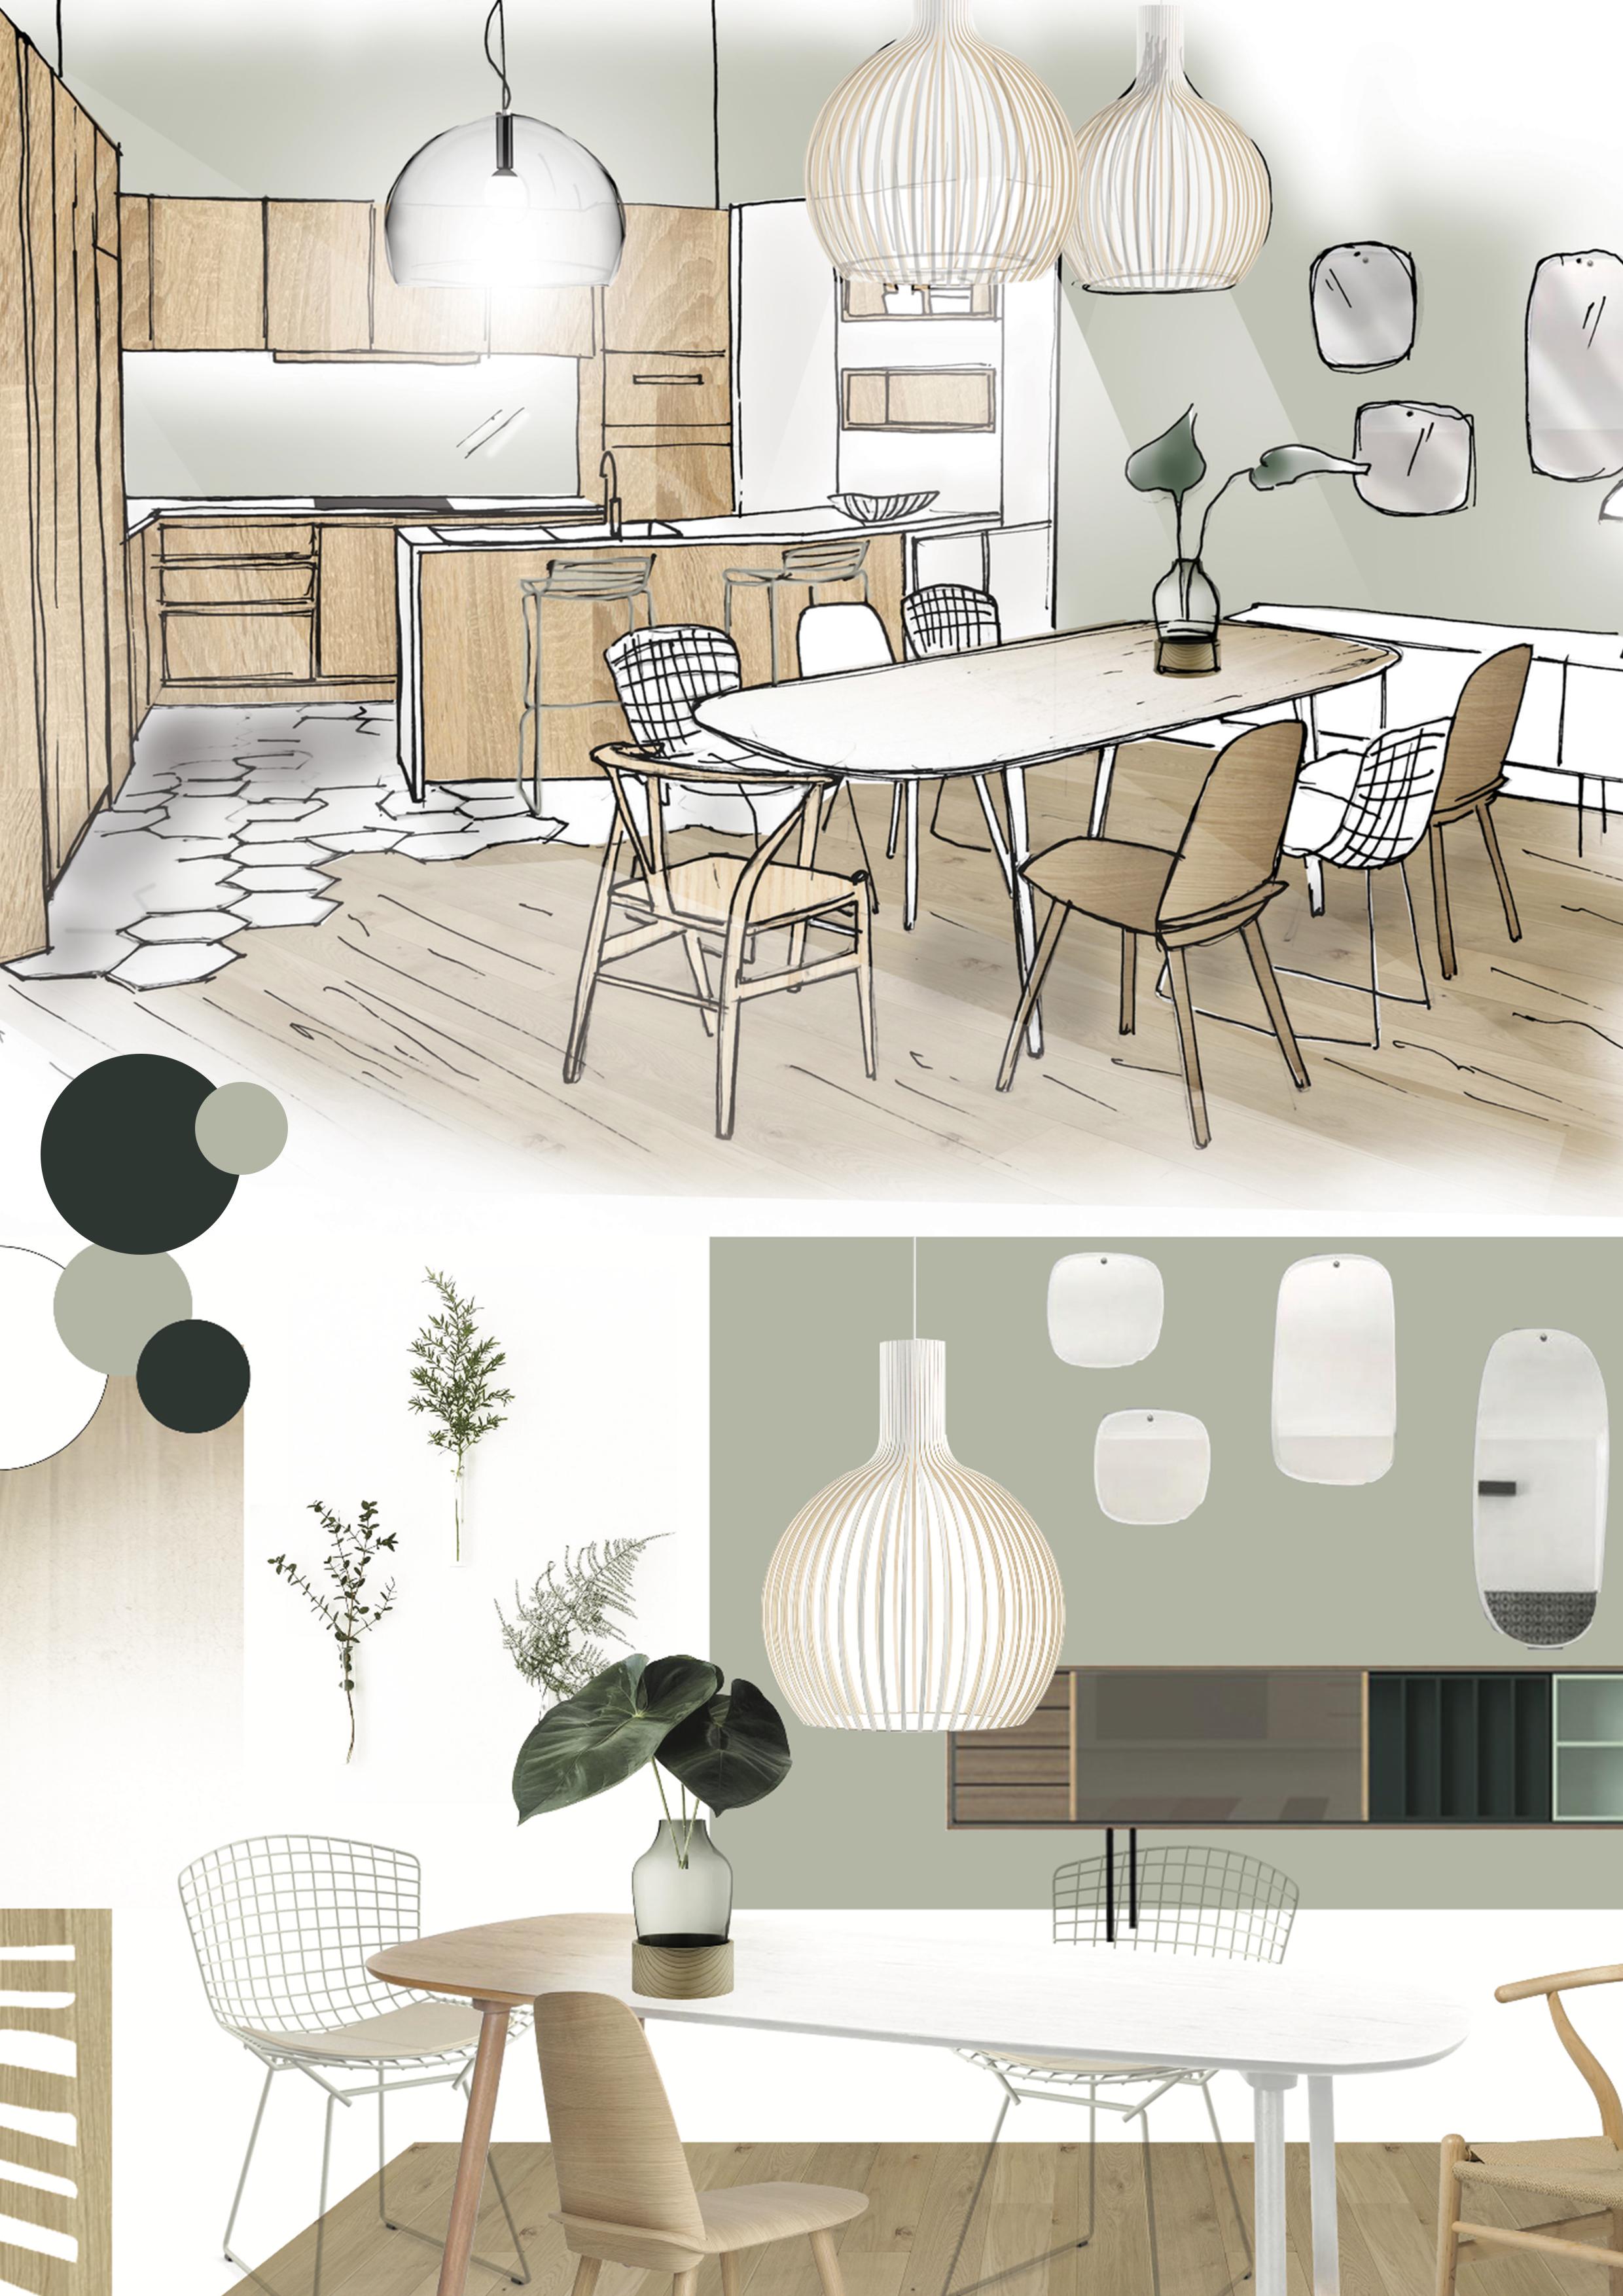 Planche décoration croquis / Inspiration déco cuisine  Planche